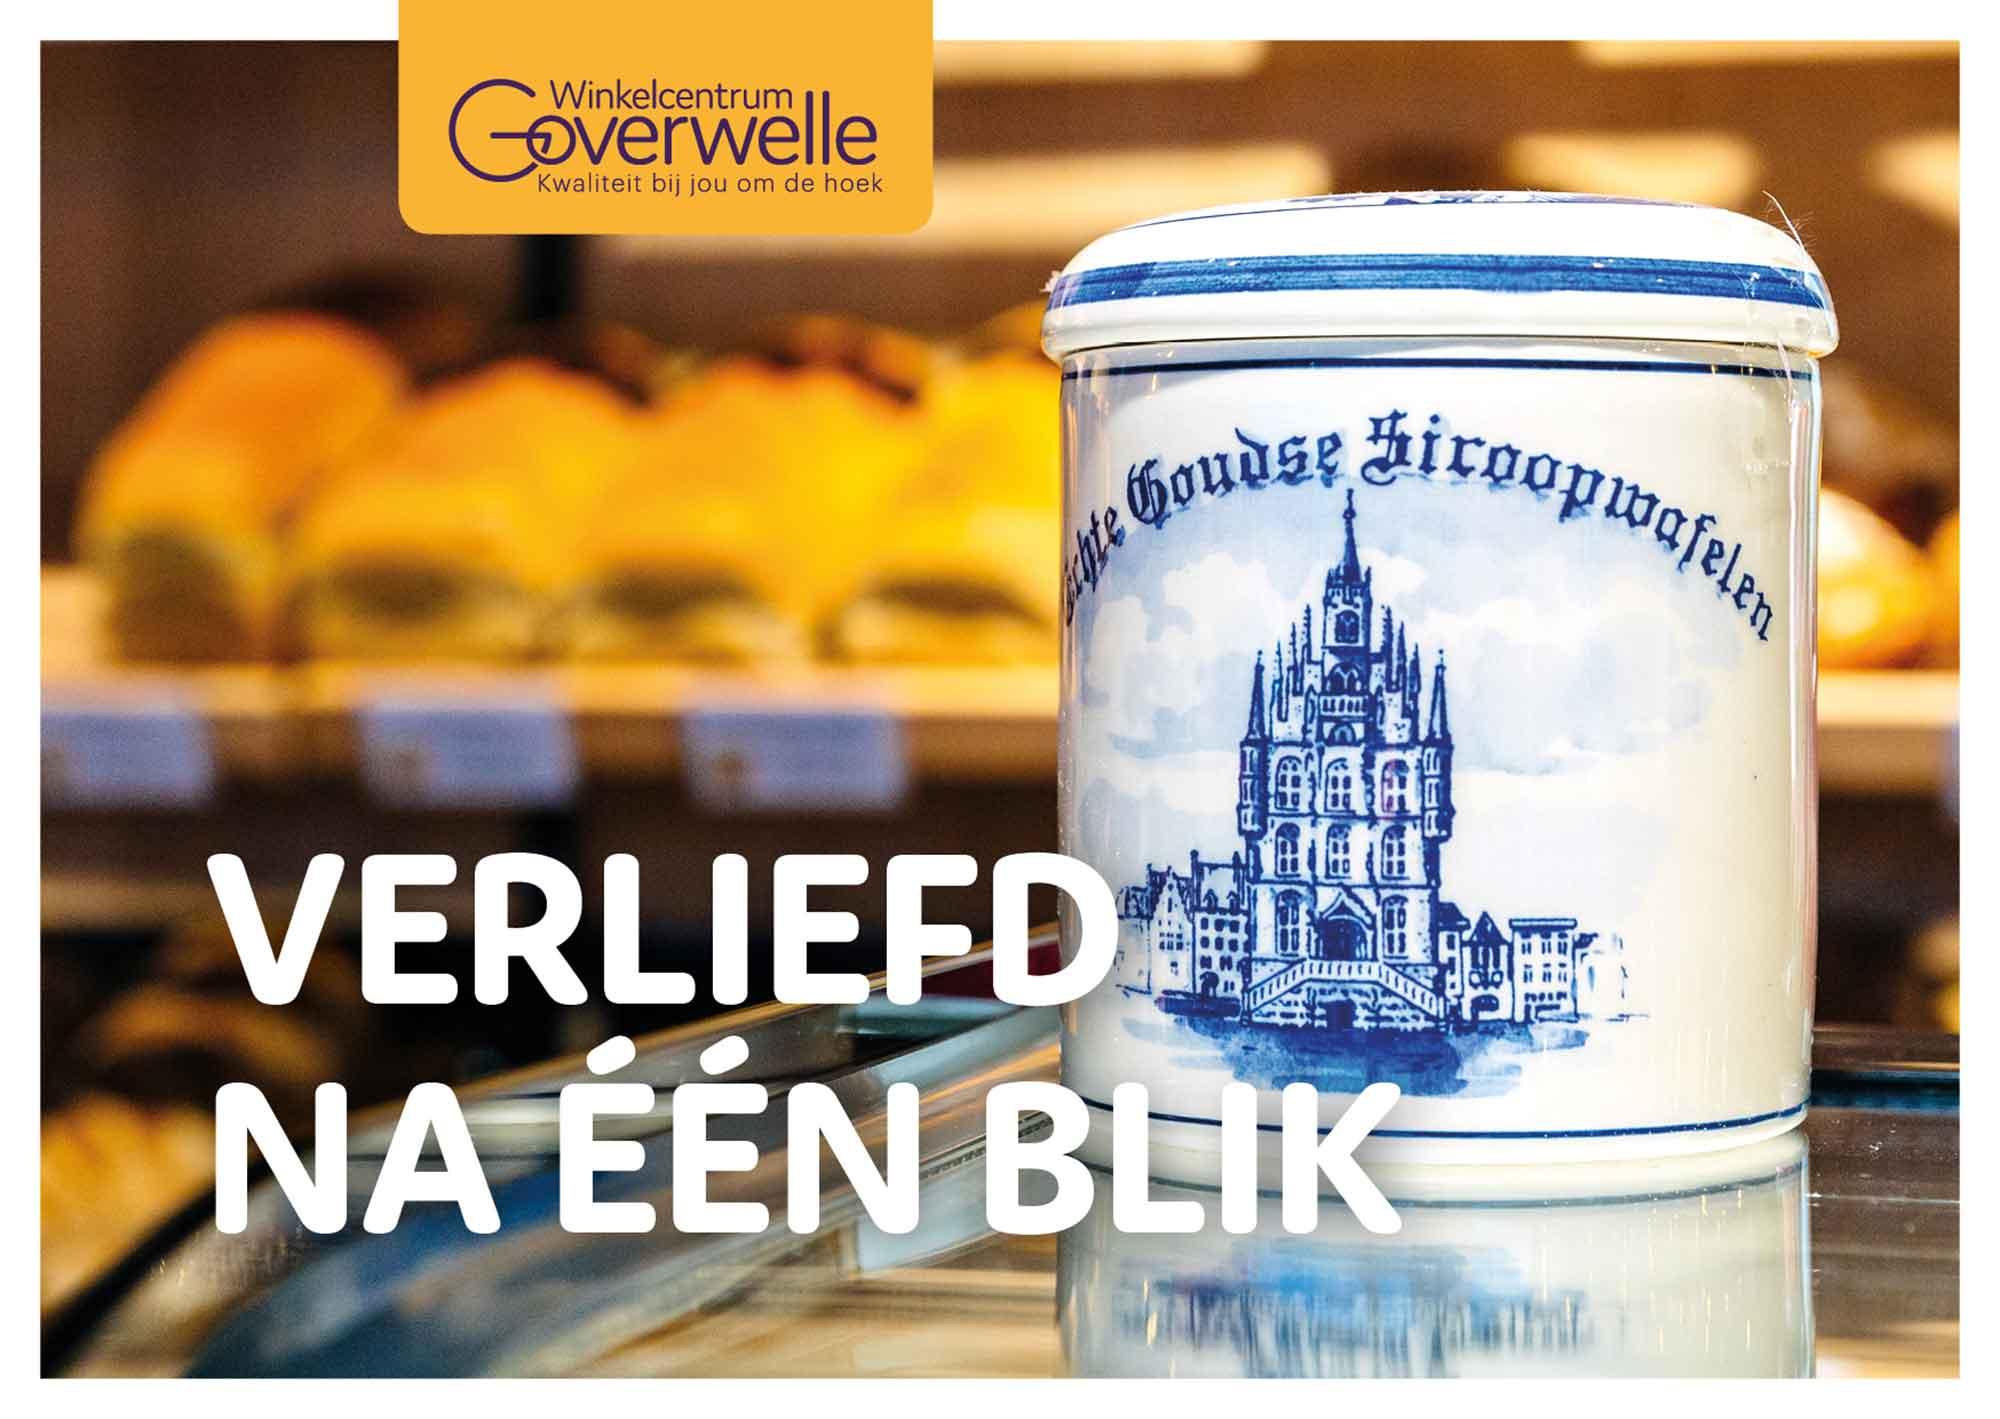 Winkelcentrum Goverwelle - Gouda I kwaliteit bij jou om de hoek © Urban Solutions (strategie - concept)